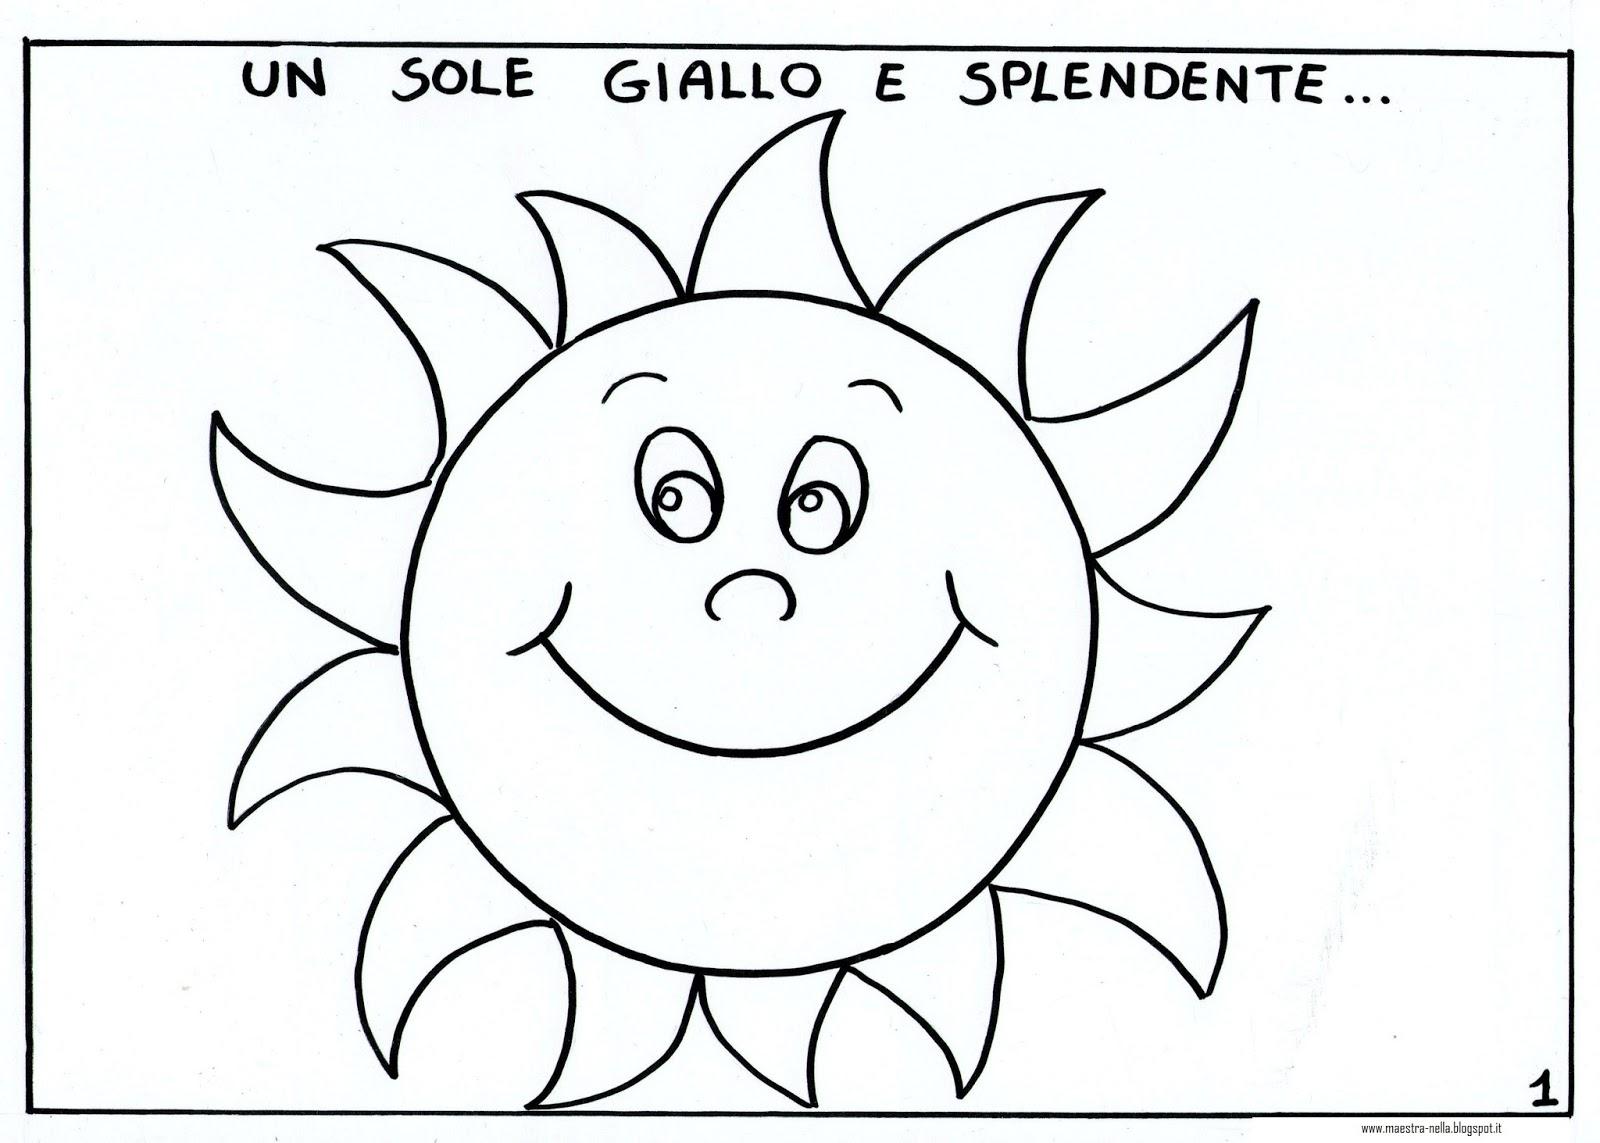 Conosciuto maestra Nella: libricino 'ciao estate vado a scuola!' JJ08